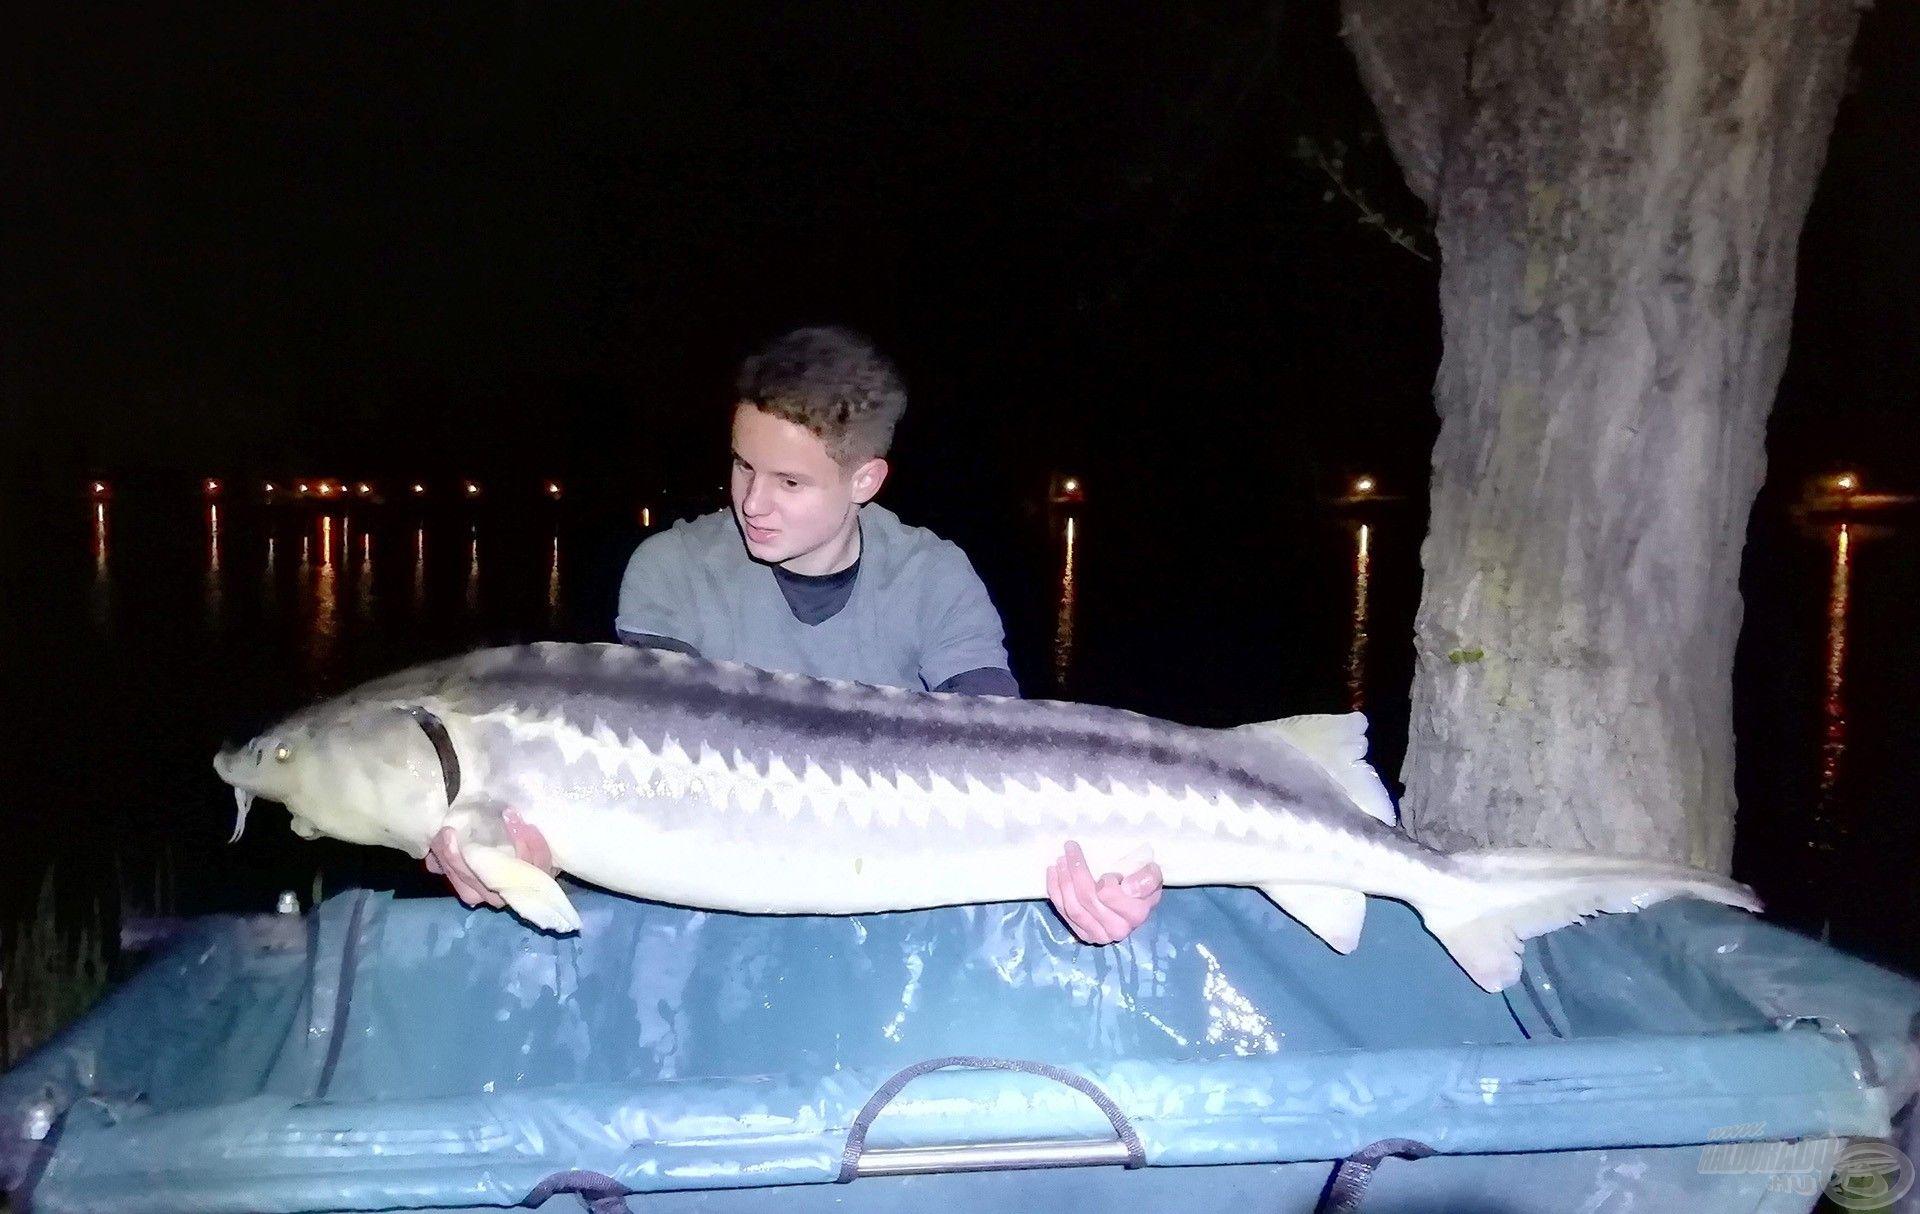 Horgásztúrám egyik csúcshala, egy 23 kg-os tok a kezemben!